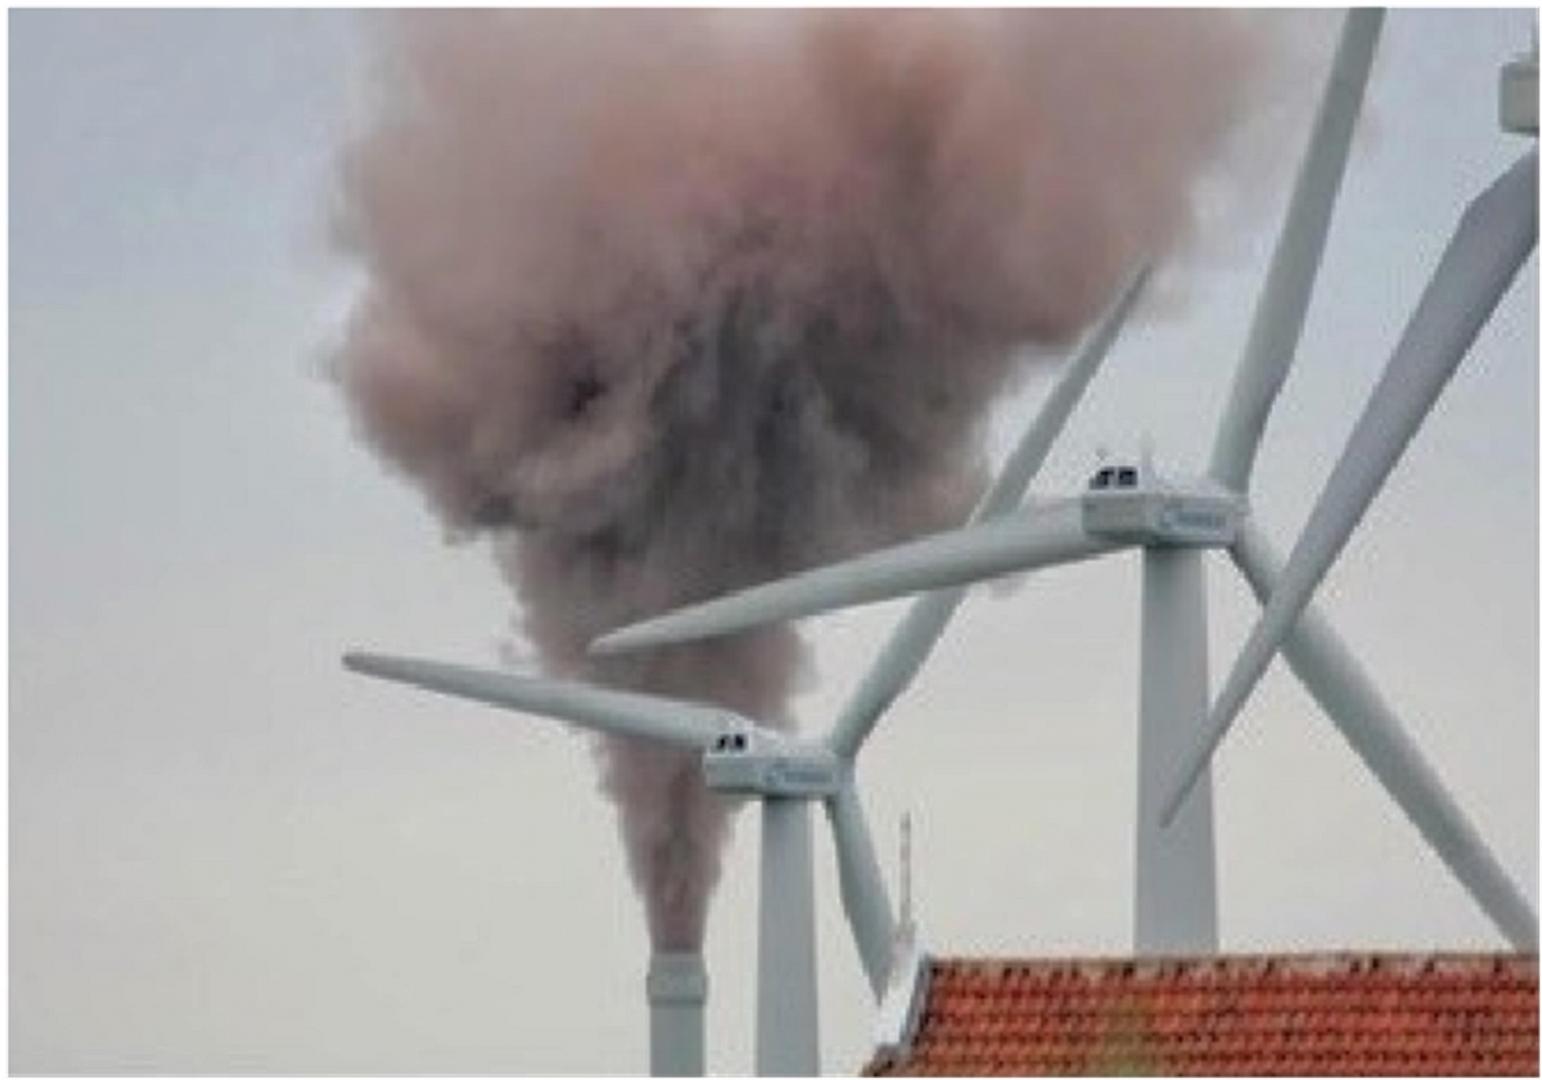 Рис. 6. Типичный краткосрочный неконтролируемый выброс пыли МСЗ